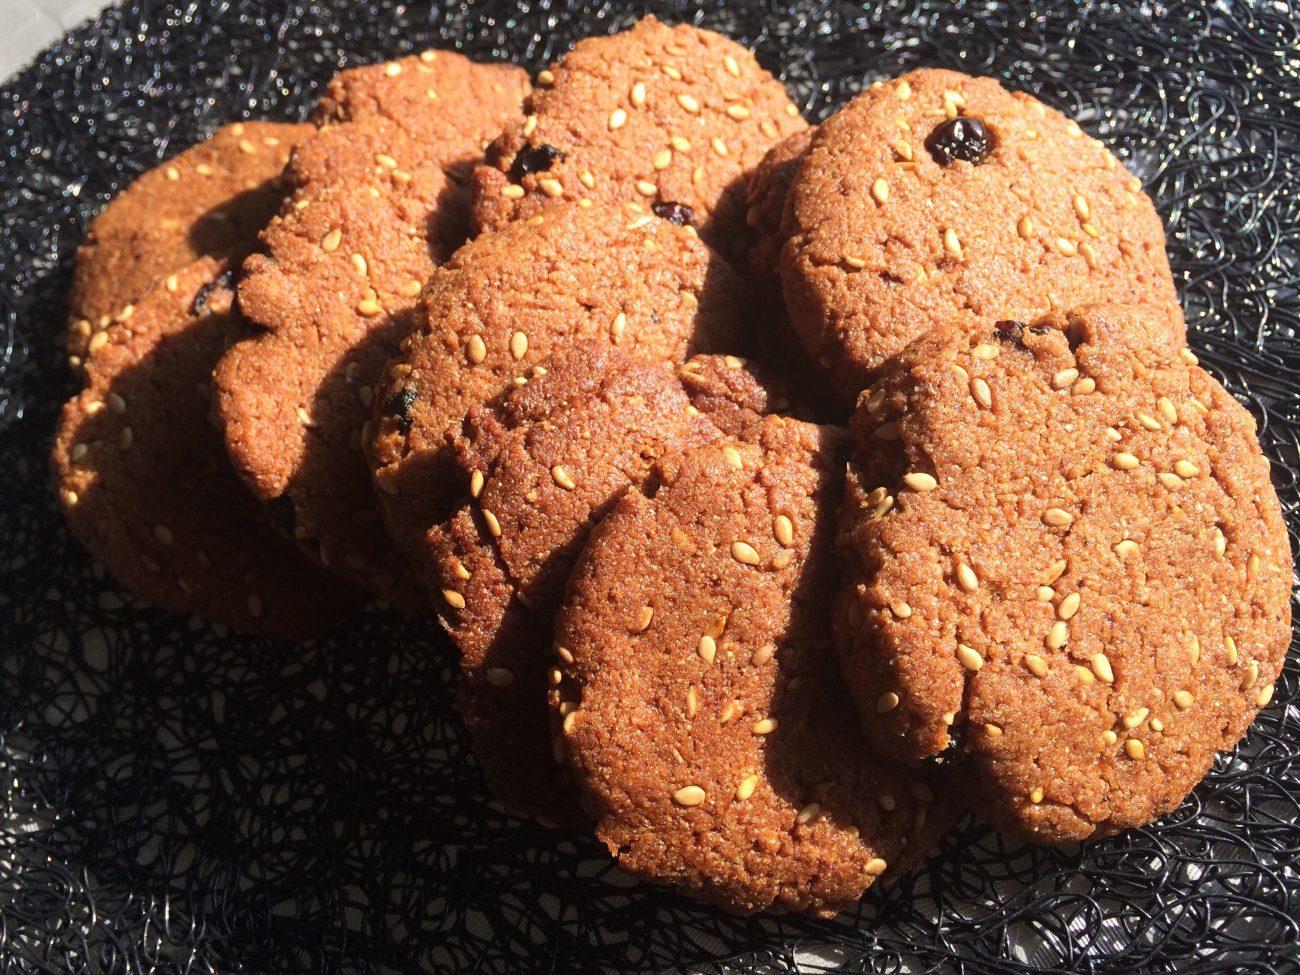 Μπισκότα ζέας με σταφίδες και σουσάμι